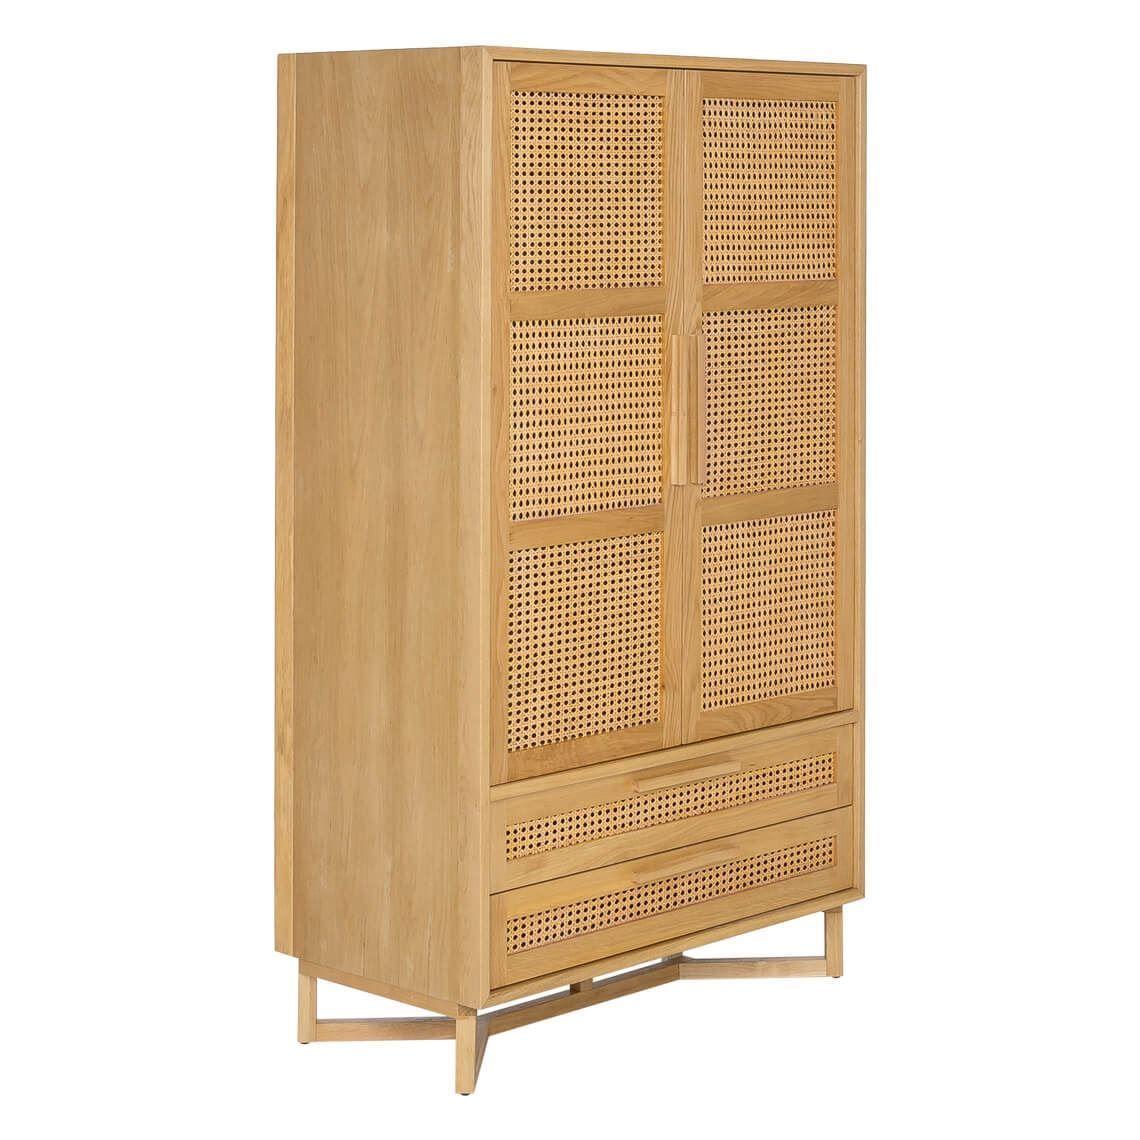 Raffles 2 Door 2 Drawer Robe Size W 95cm X D 50cm X H 165cm In